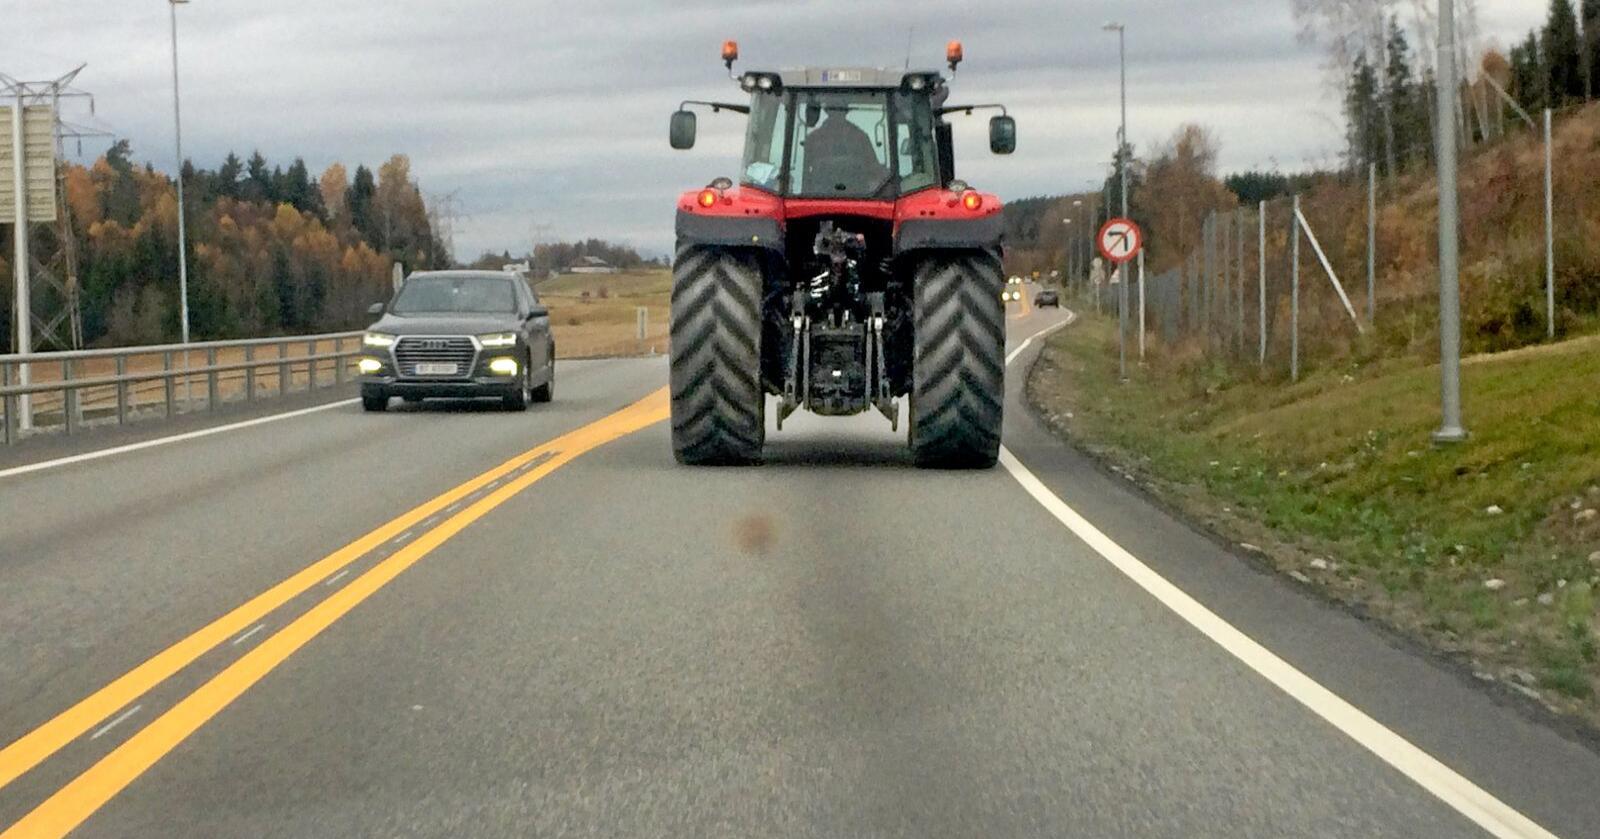 Dekk&diesel: Mange bønder kjører langt etter leiejord, selv om naboen leier ut jorda. Foto: Lars Johan Wiker